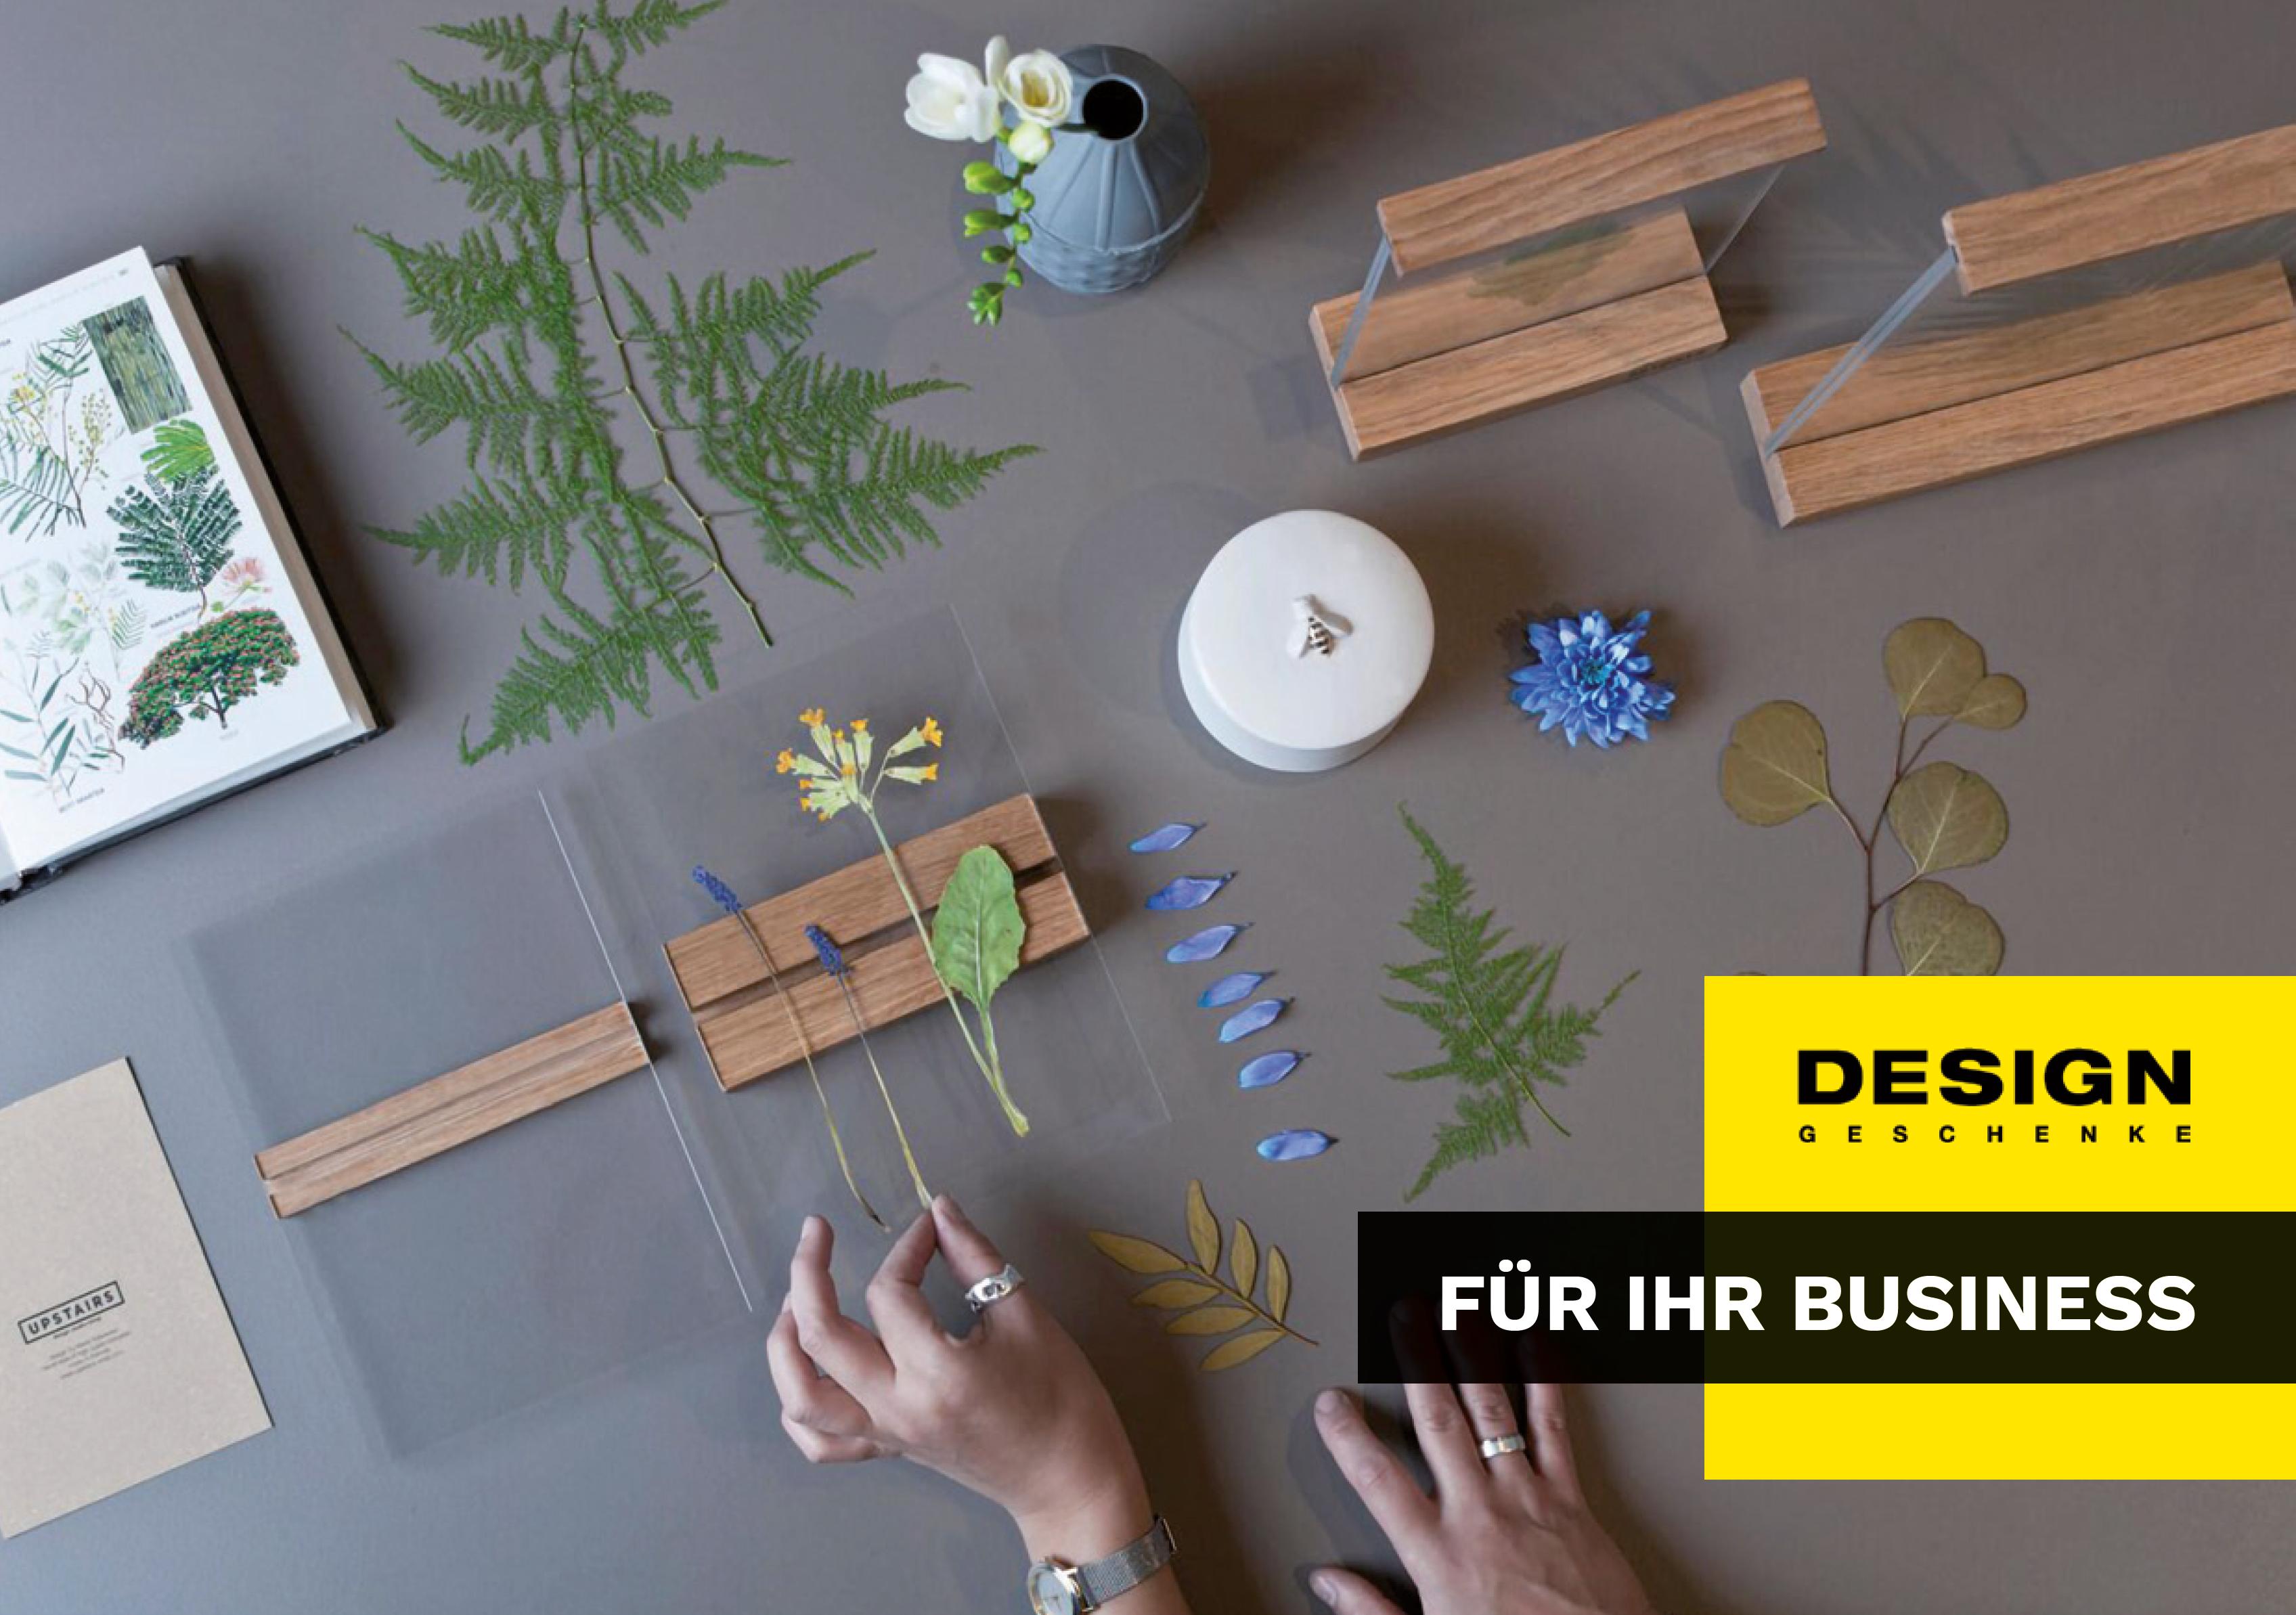 Design Geschenke Katalog